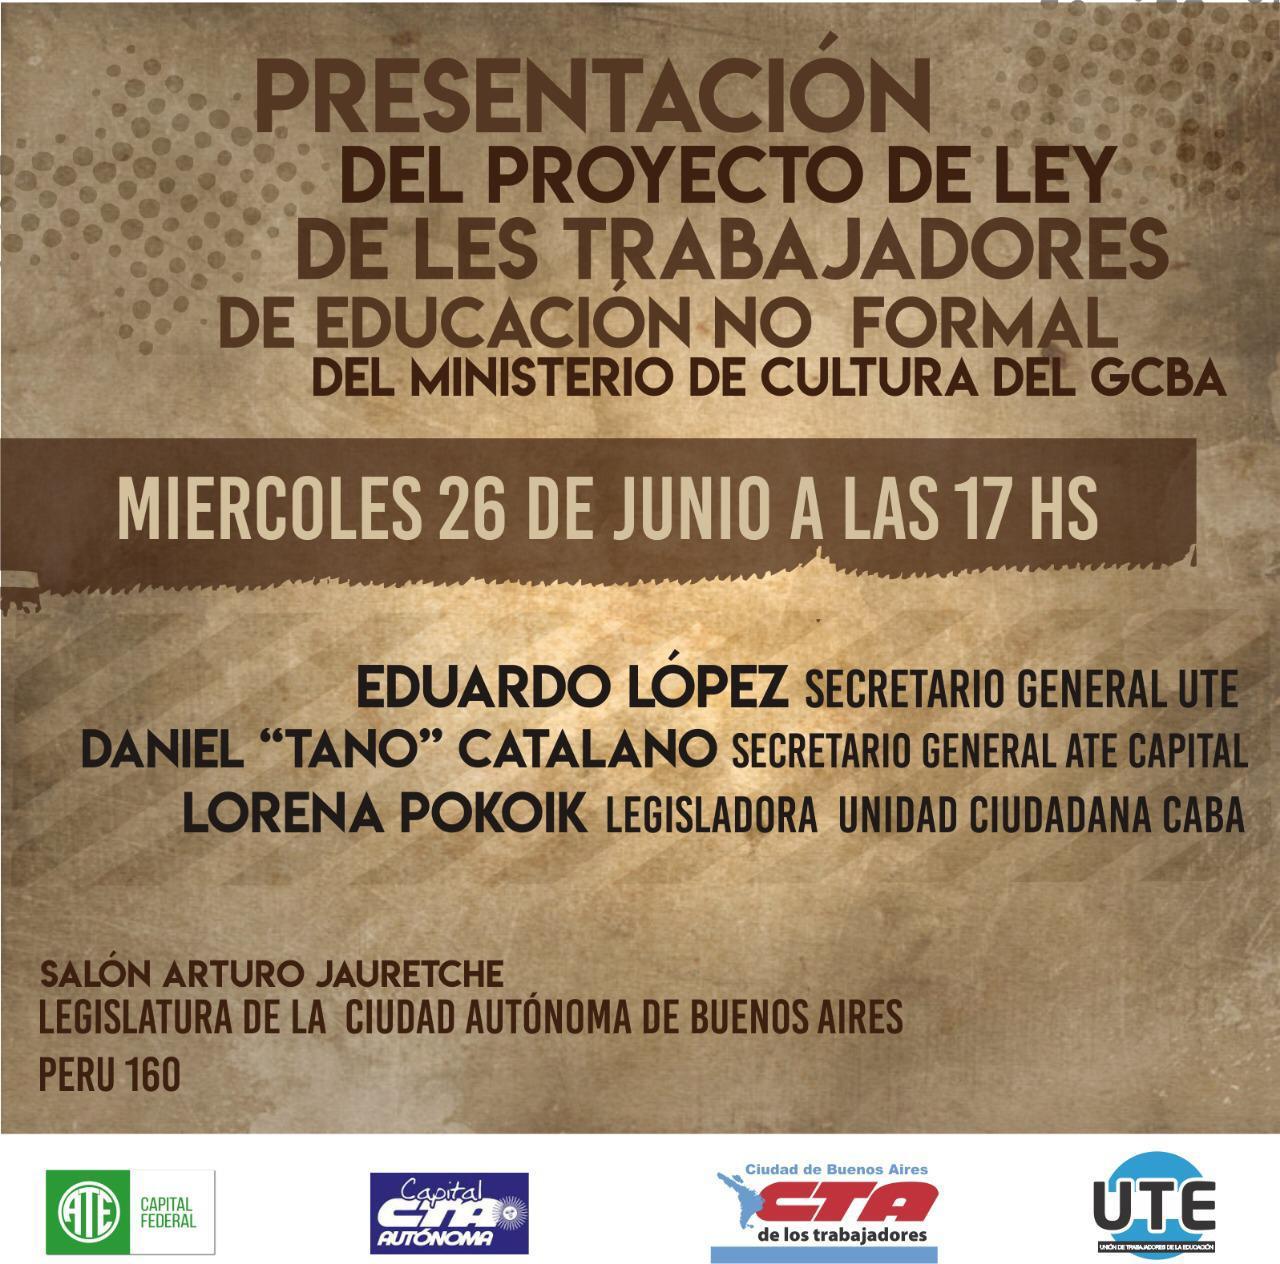 PROYECTO DE LEY DE LXS TRABAJADORXS DE EDUCACIÓN NO FORMAL DEL MINISTERIO DE CULTURA DEL GCBA.